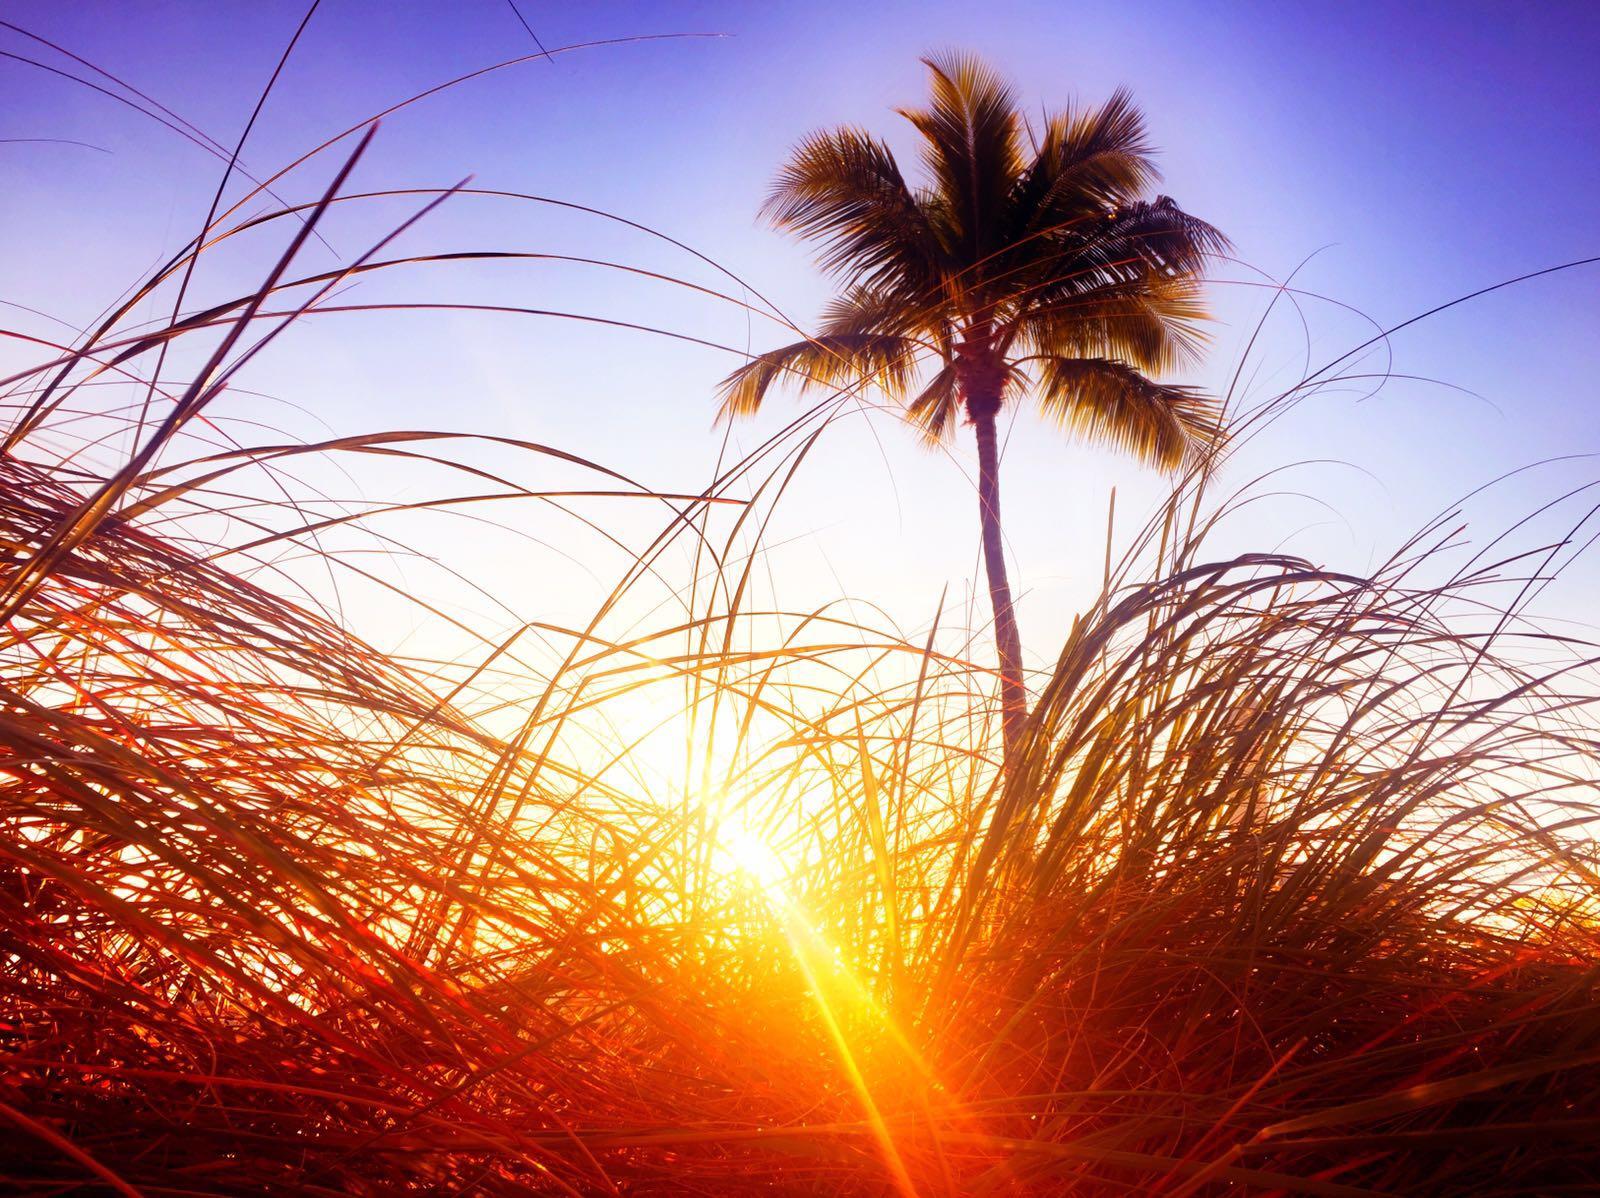 Sonnenuntergang, Fort Meyers Bech, Florida